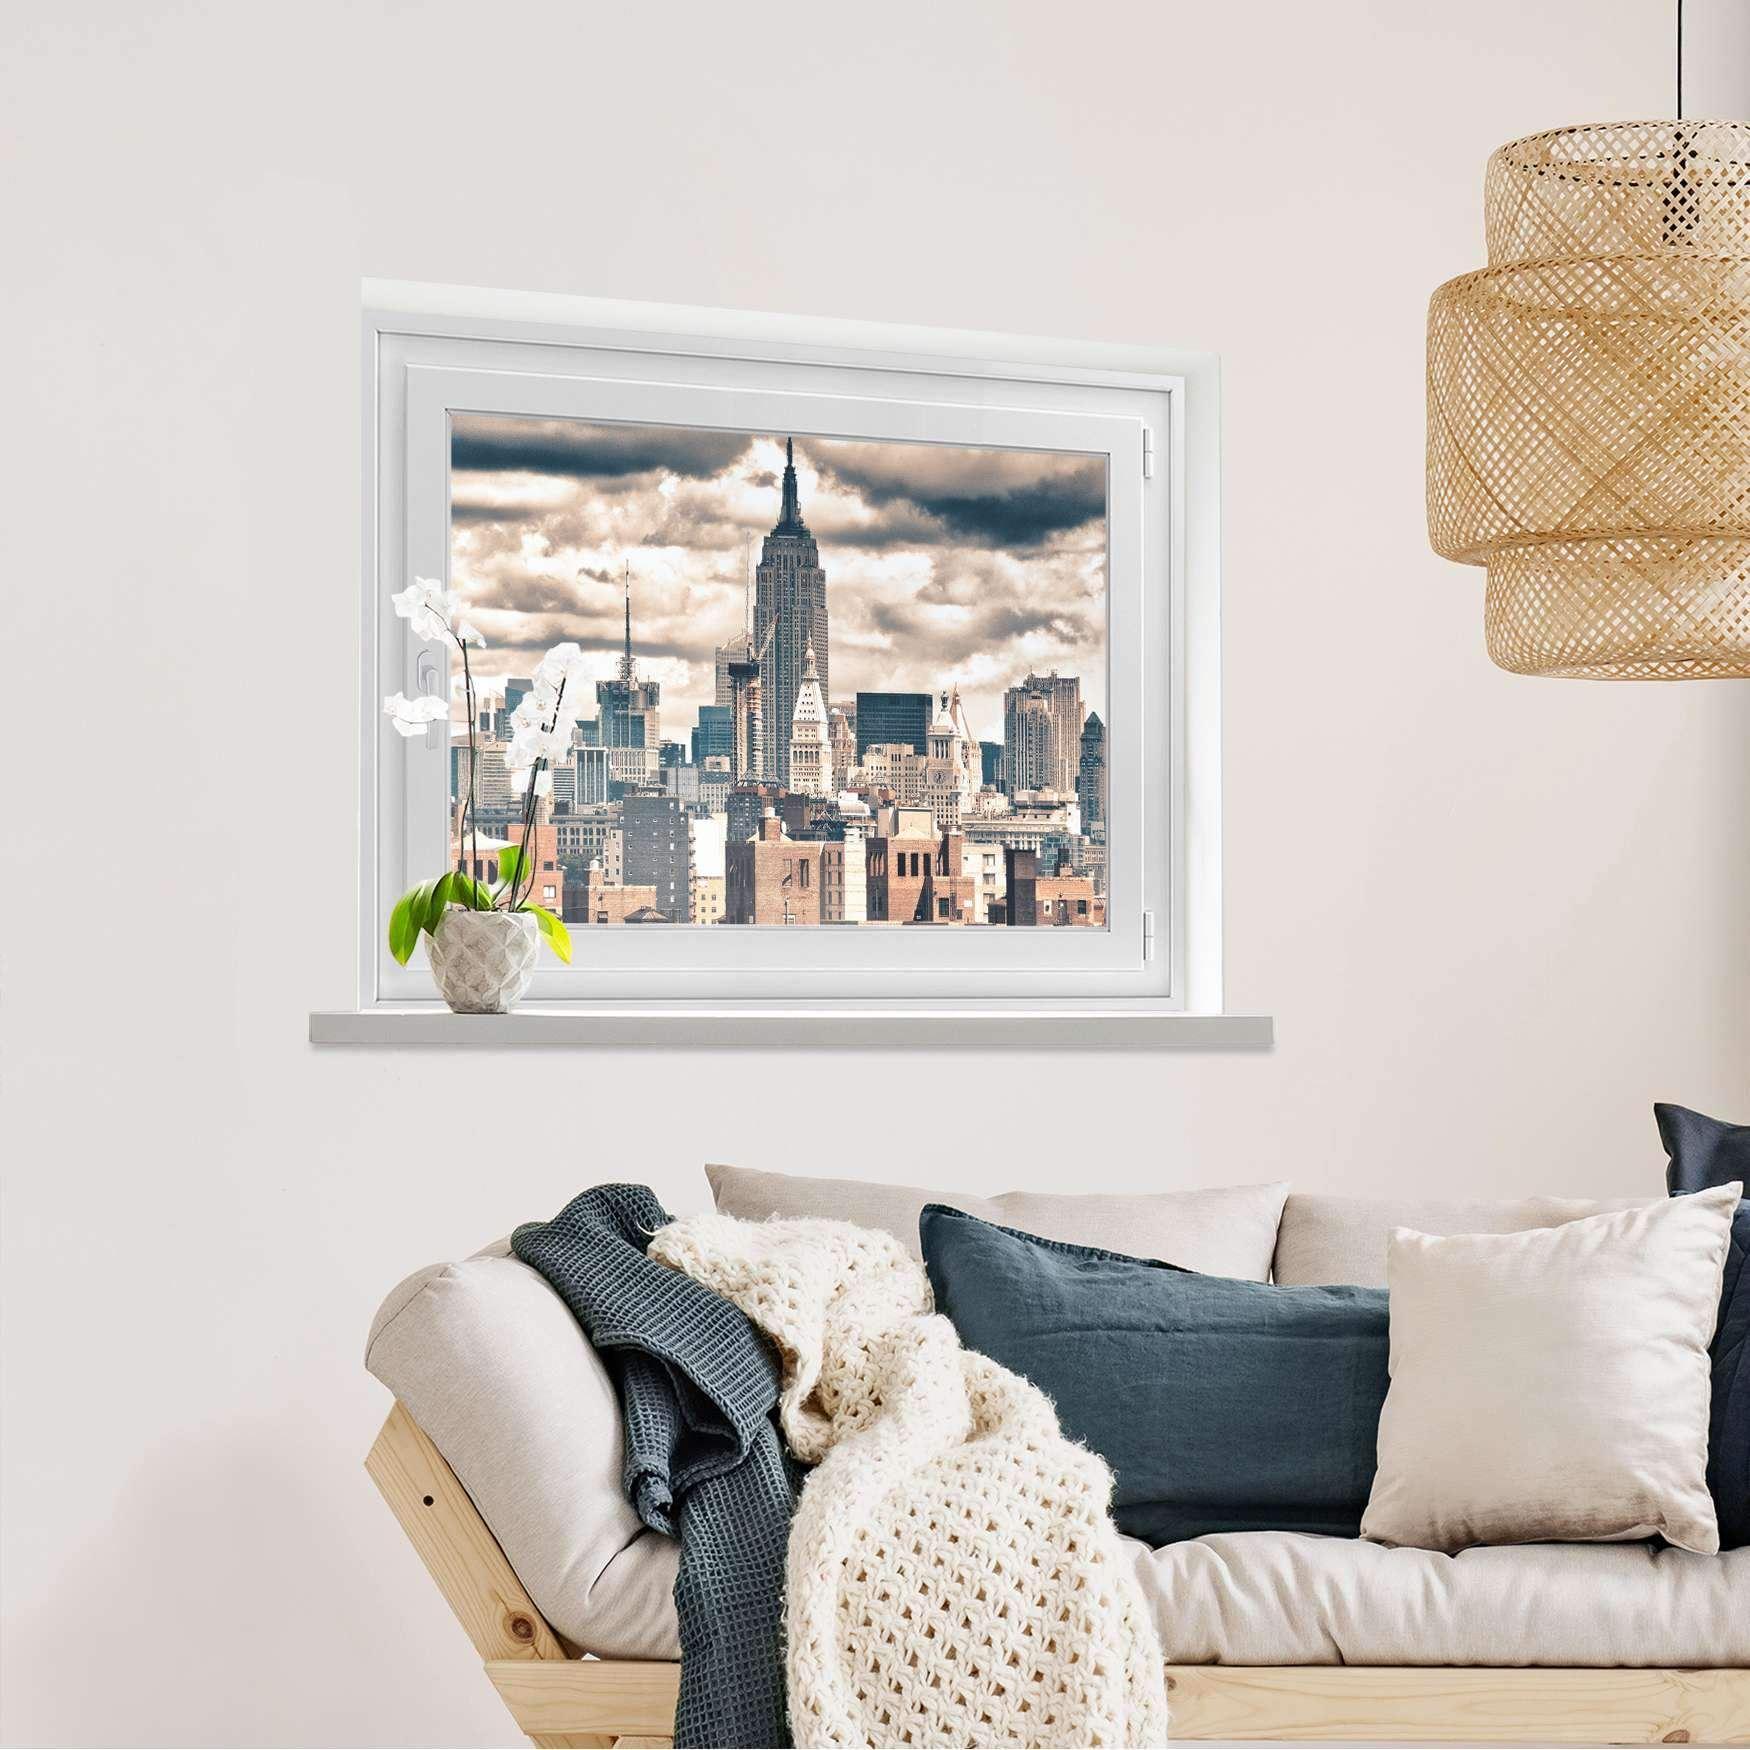 Full Size of Fensterbild Fensterdeko Fenster Folie Sichtschutz Quer Rollos Innen Sicherheitsfolie Dreifachverglasung Kaufen In Polen Rc3 Erneuern Mit Eingebauten Rolladen Fenster Klebefolie Fenster